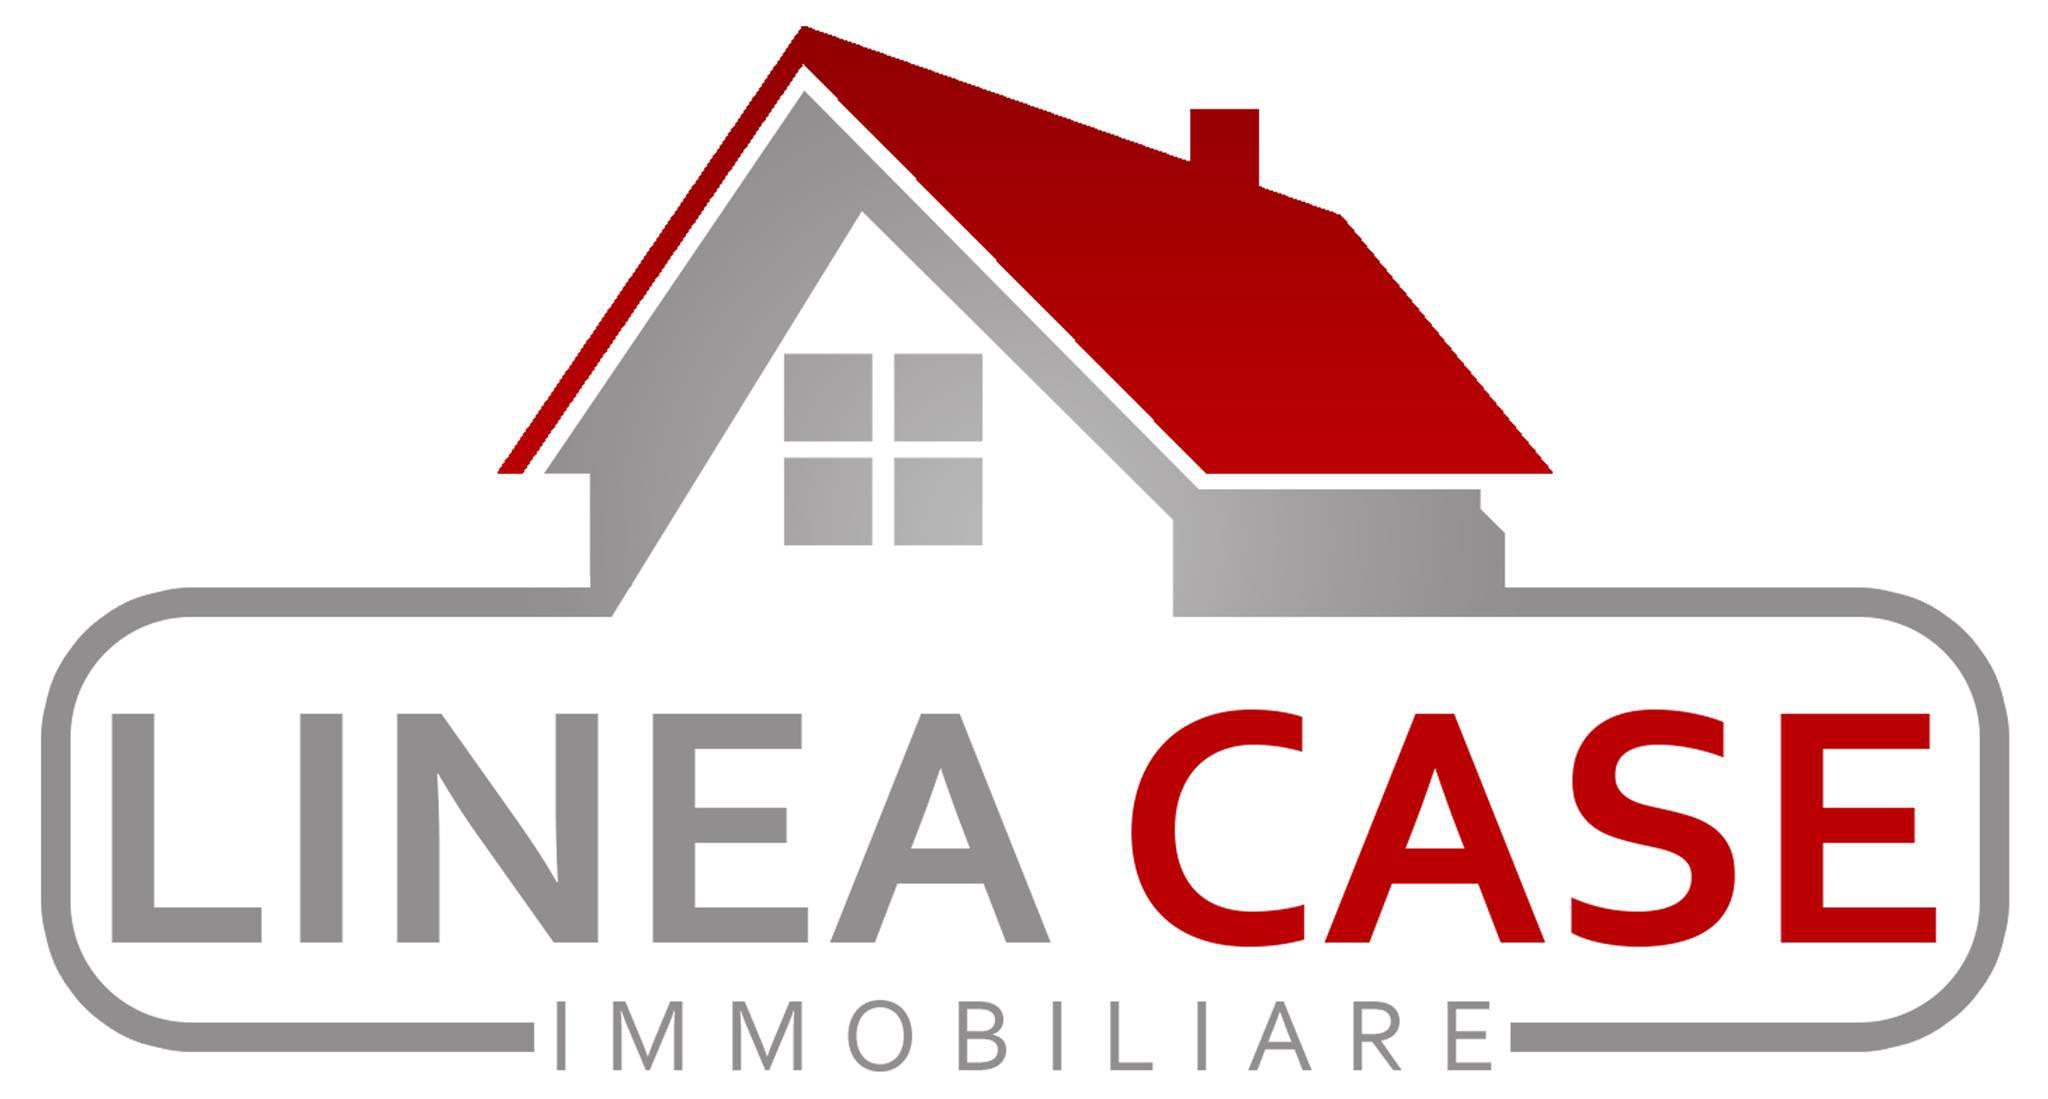 Linea Case Immobiliare